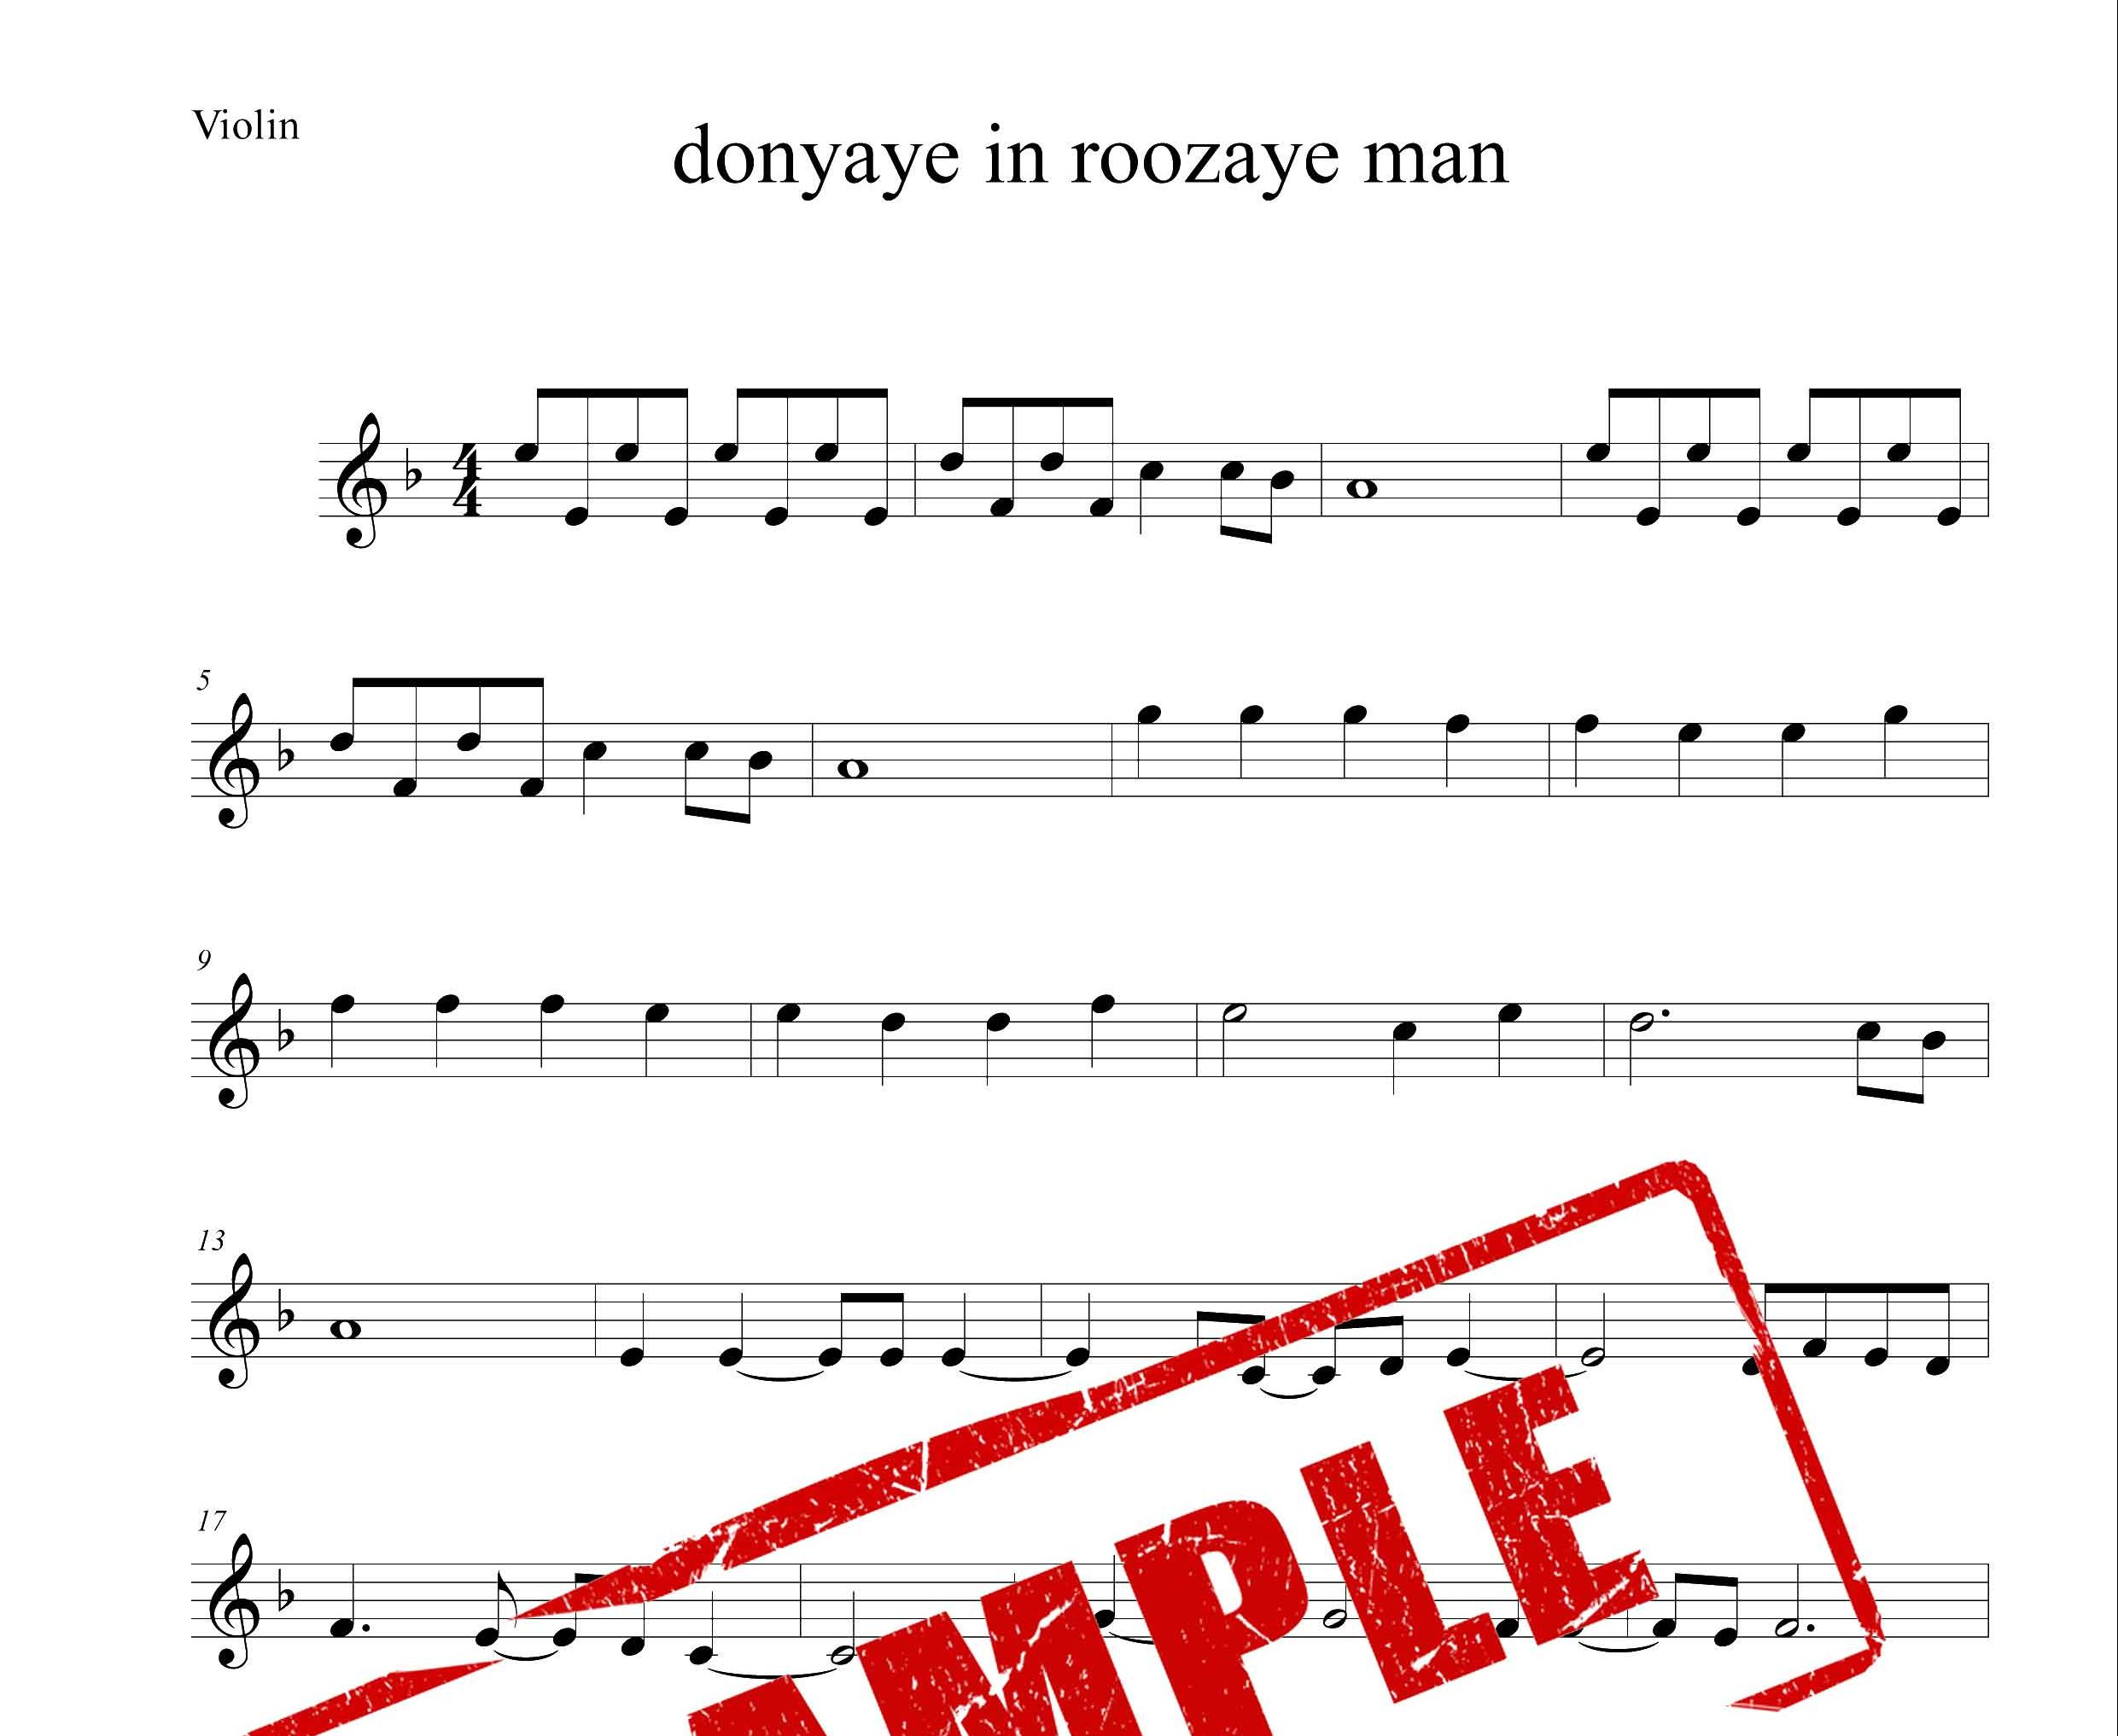 نت ویولن آهنگ دنیای این روزای من